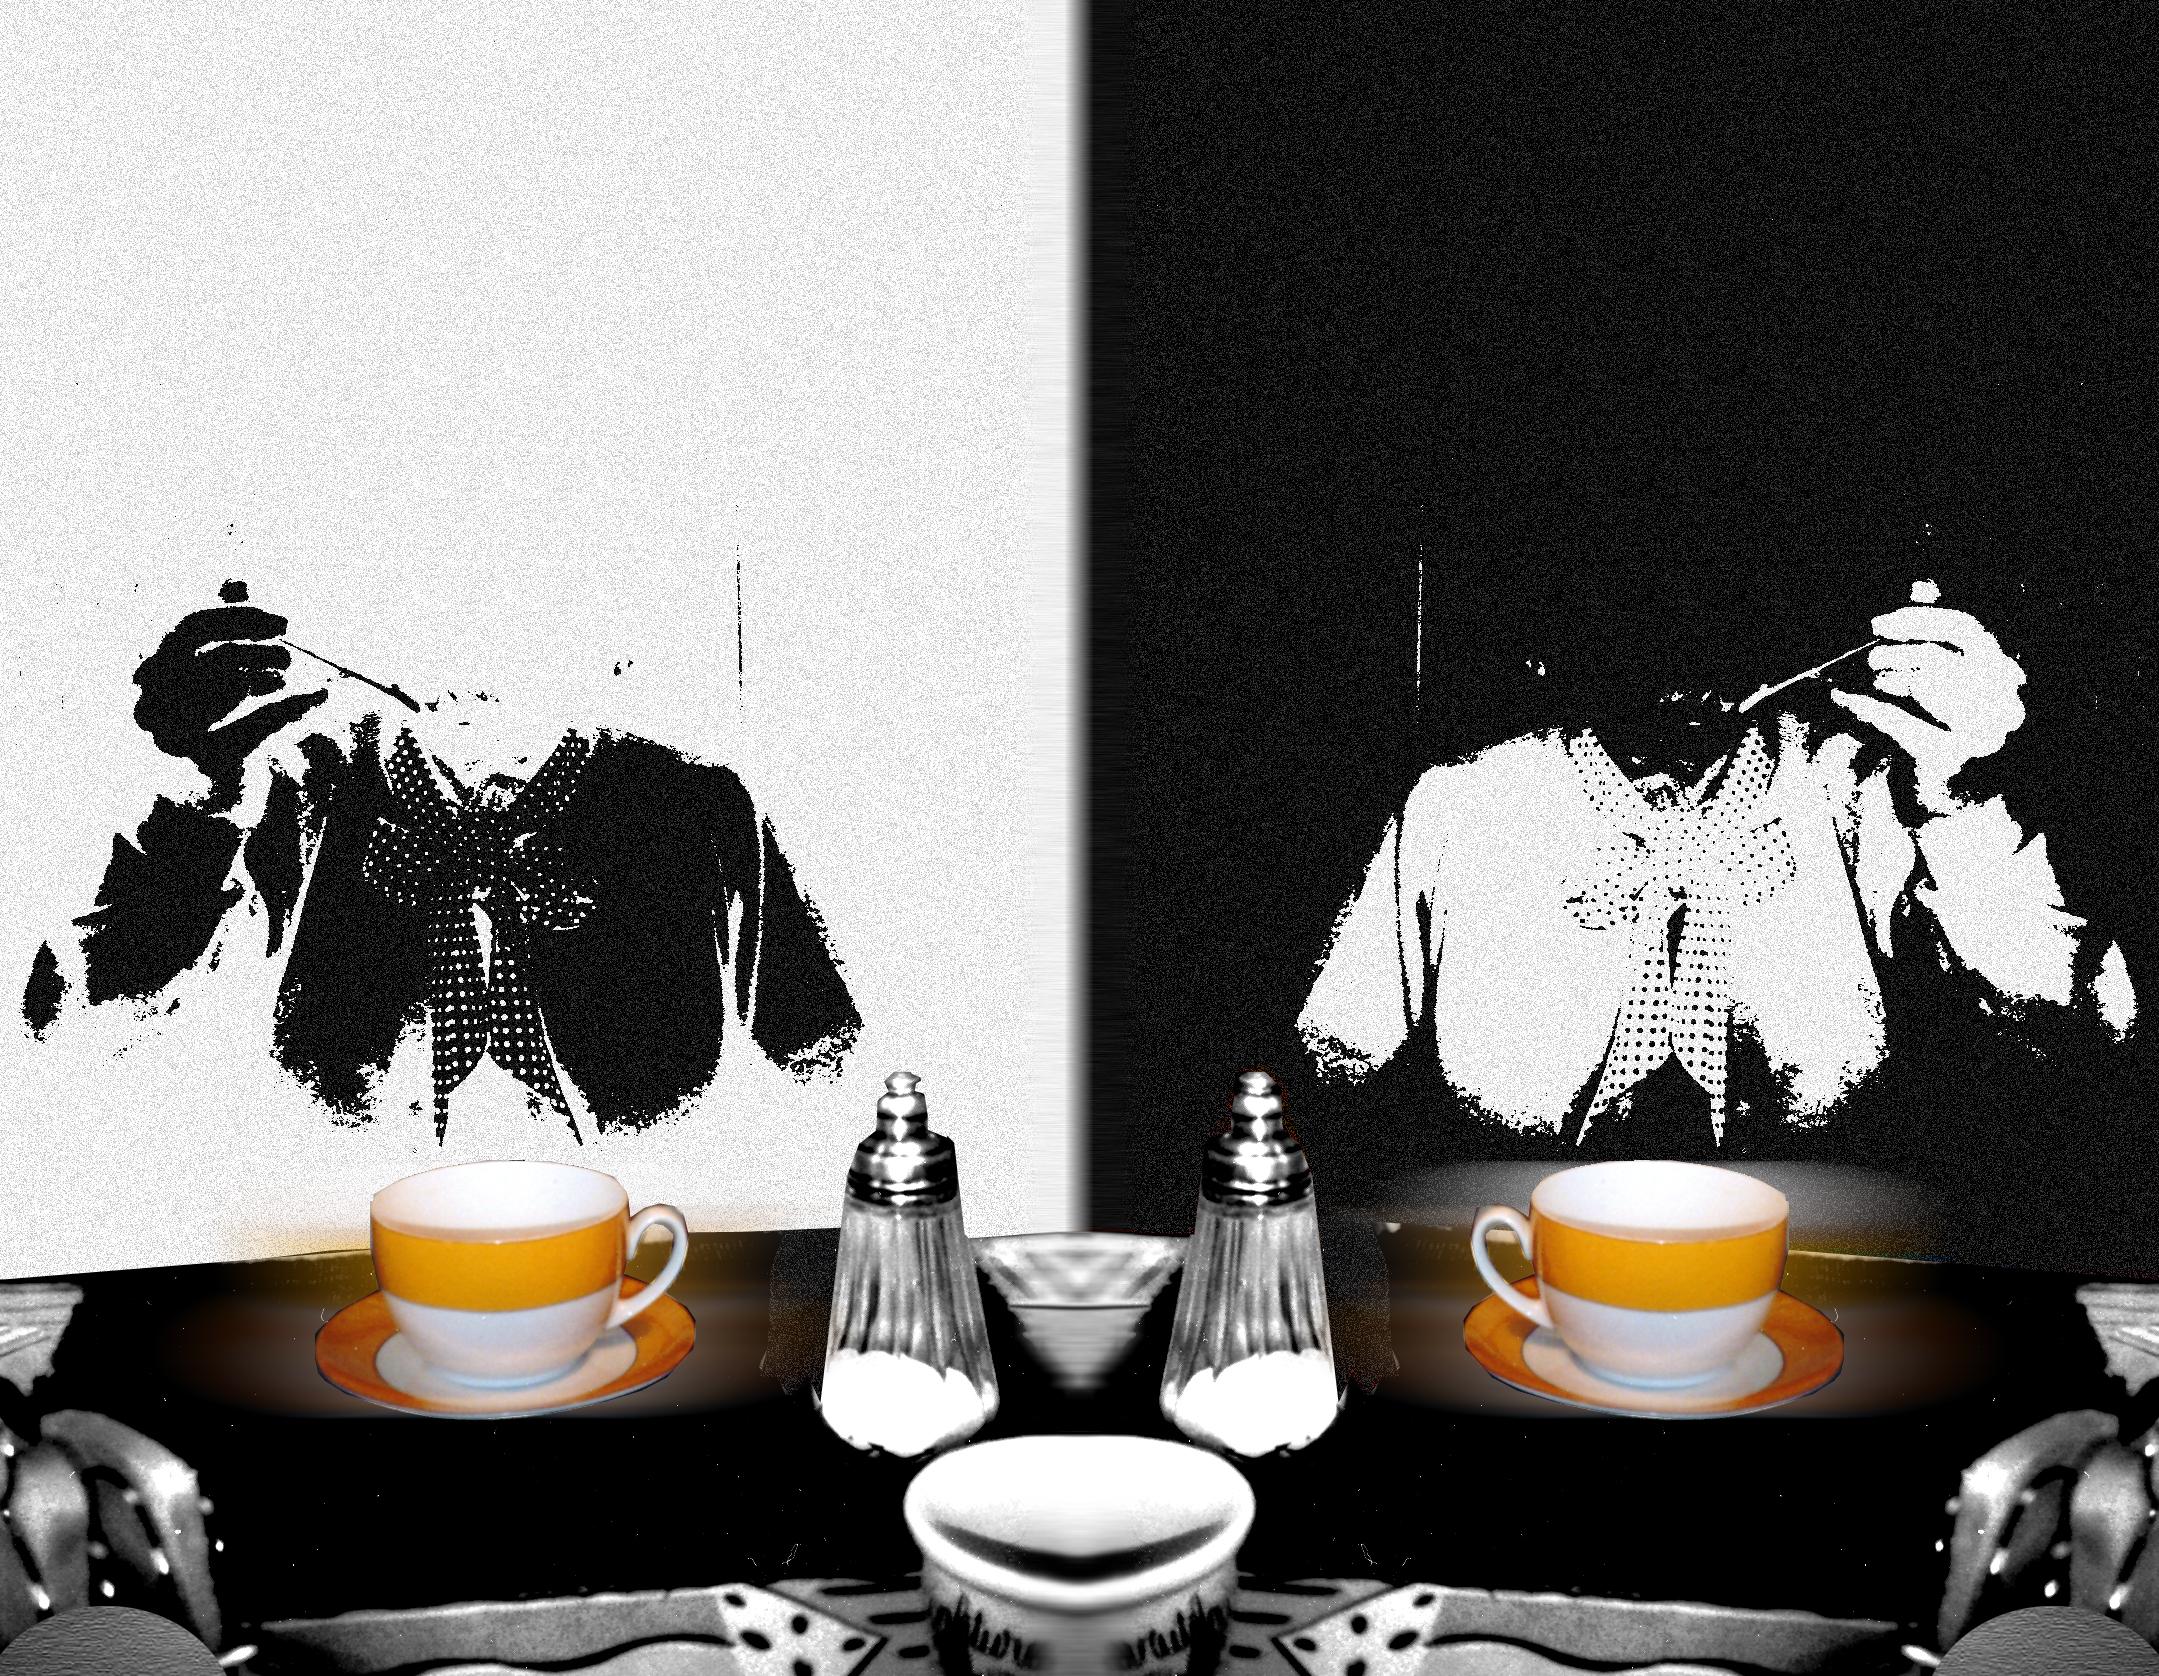 jensheervit-breakfast07